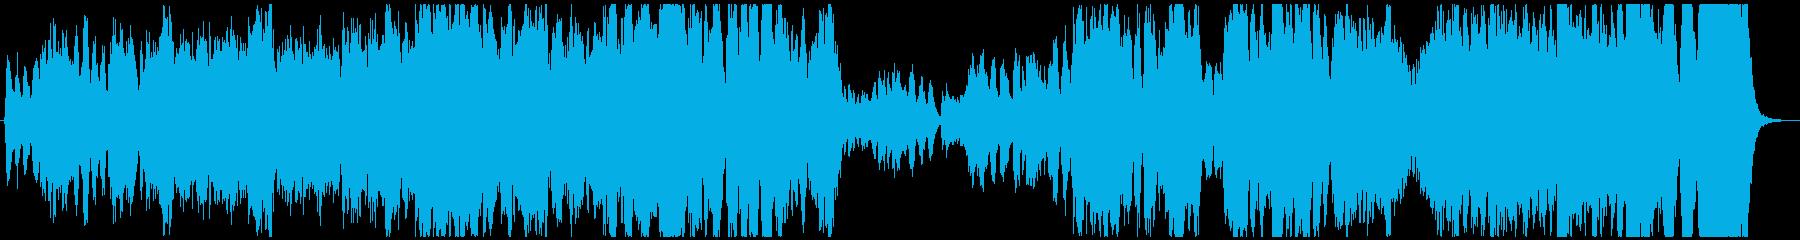 クラシック風の明るい弦楽器の曲の再生済みの波形